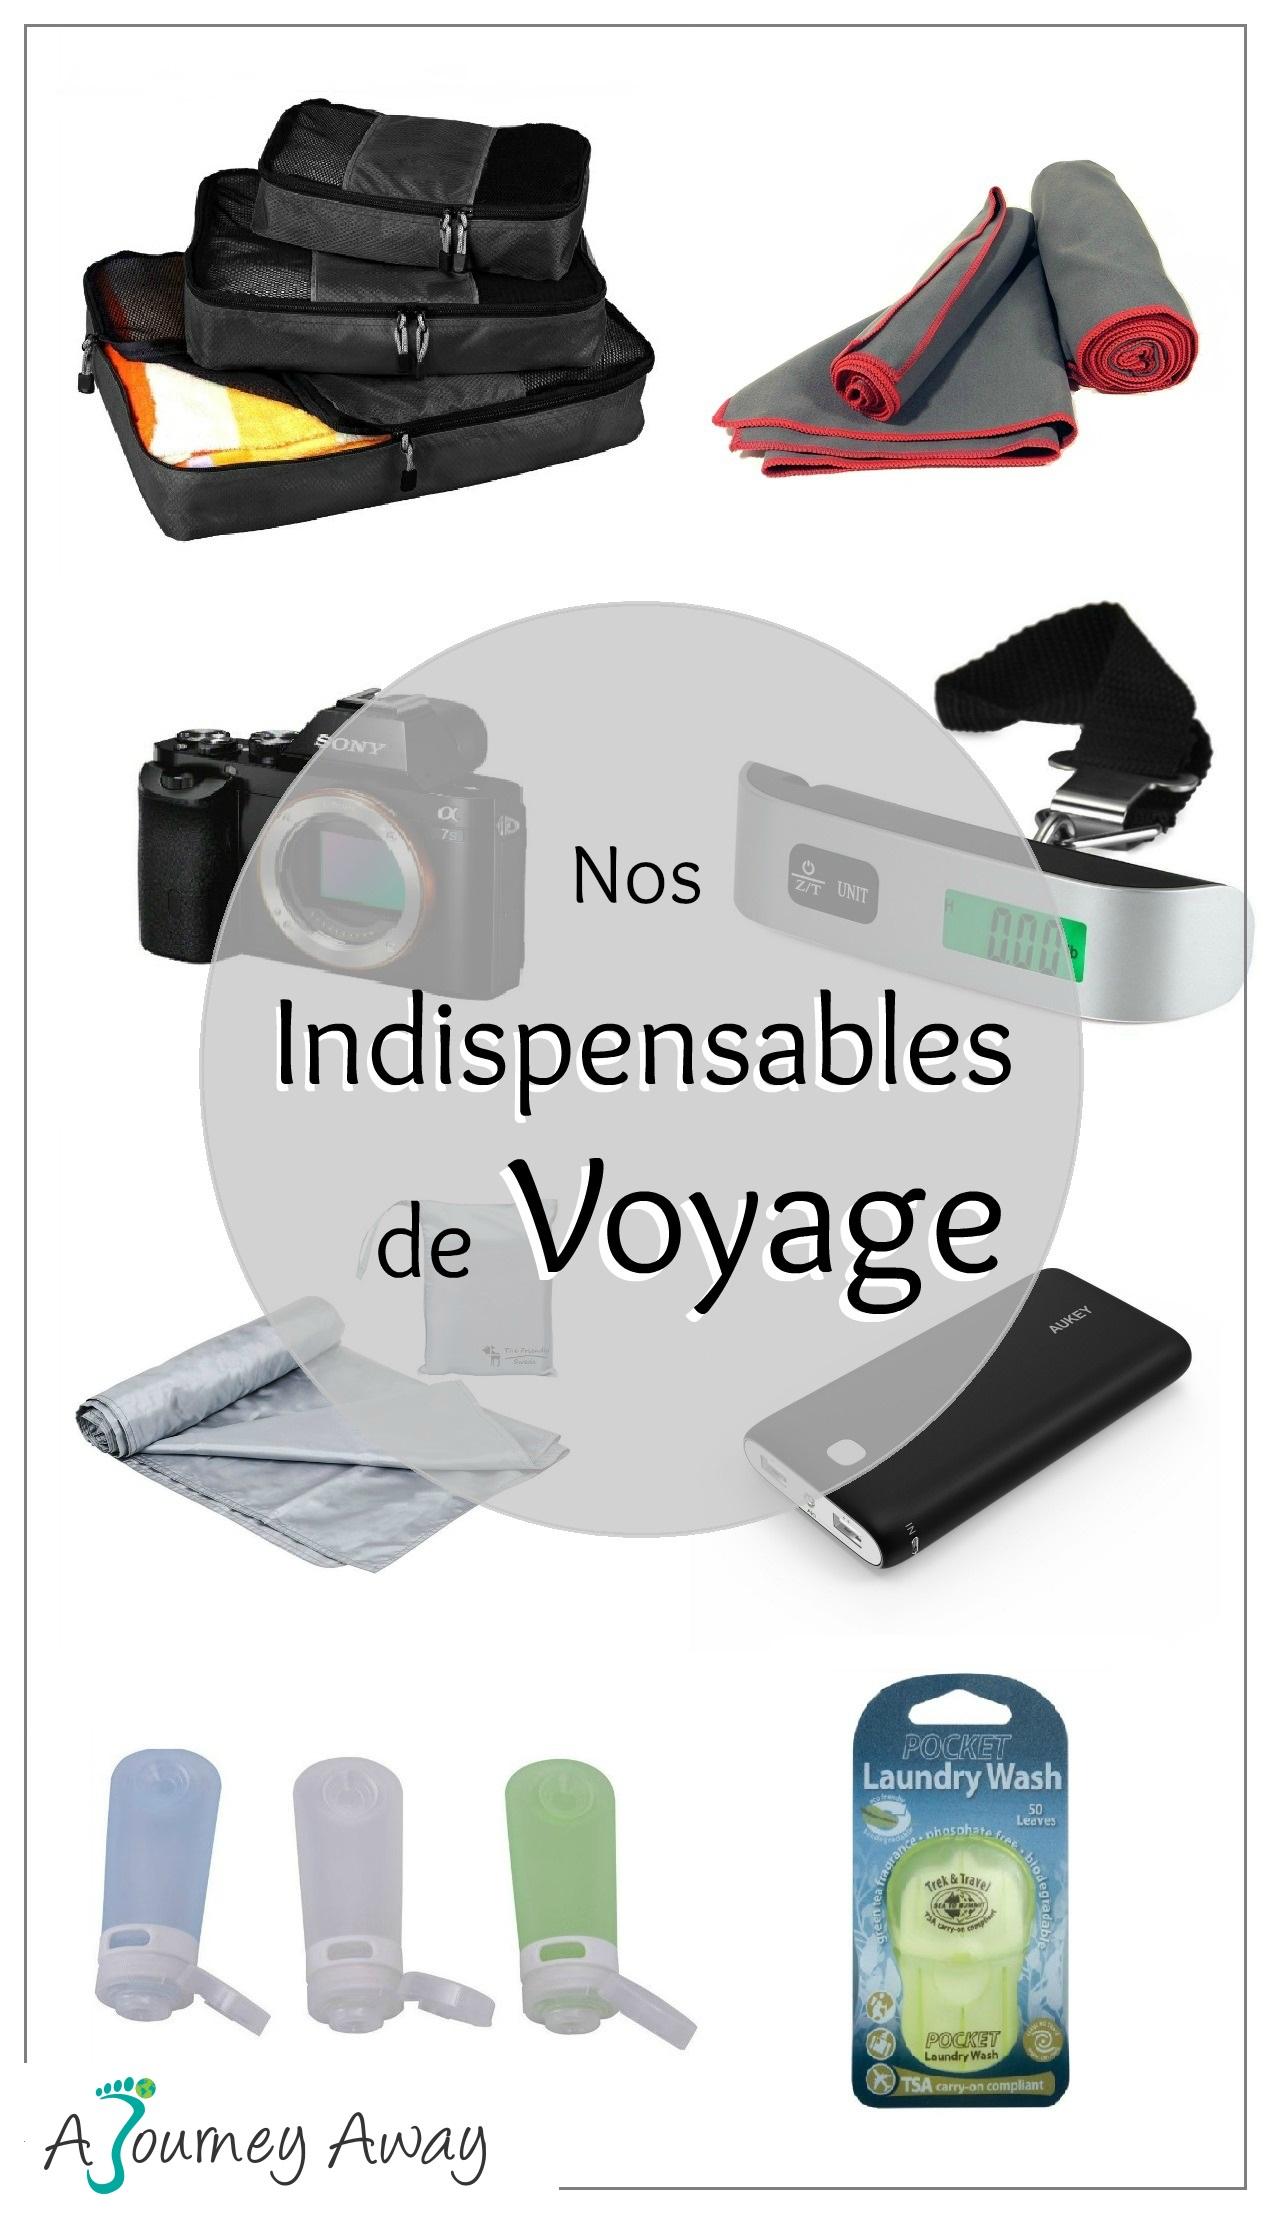 Indispensables de voyage : ce qu'il y a dans nos sacs à dos | Blog de voyage A Journey Away